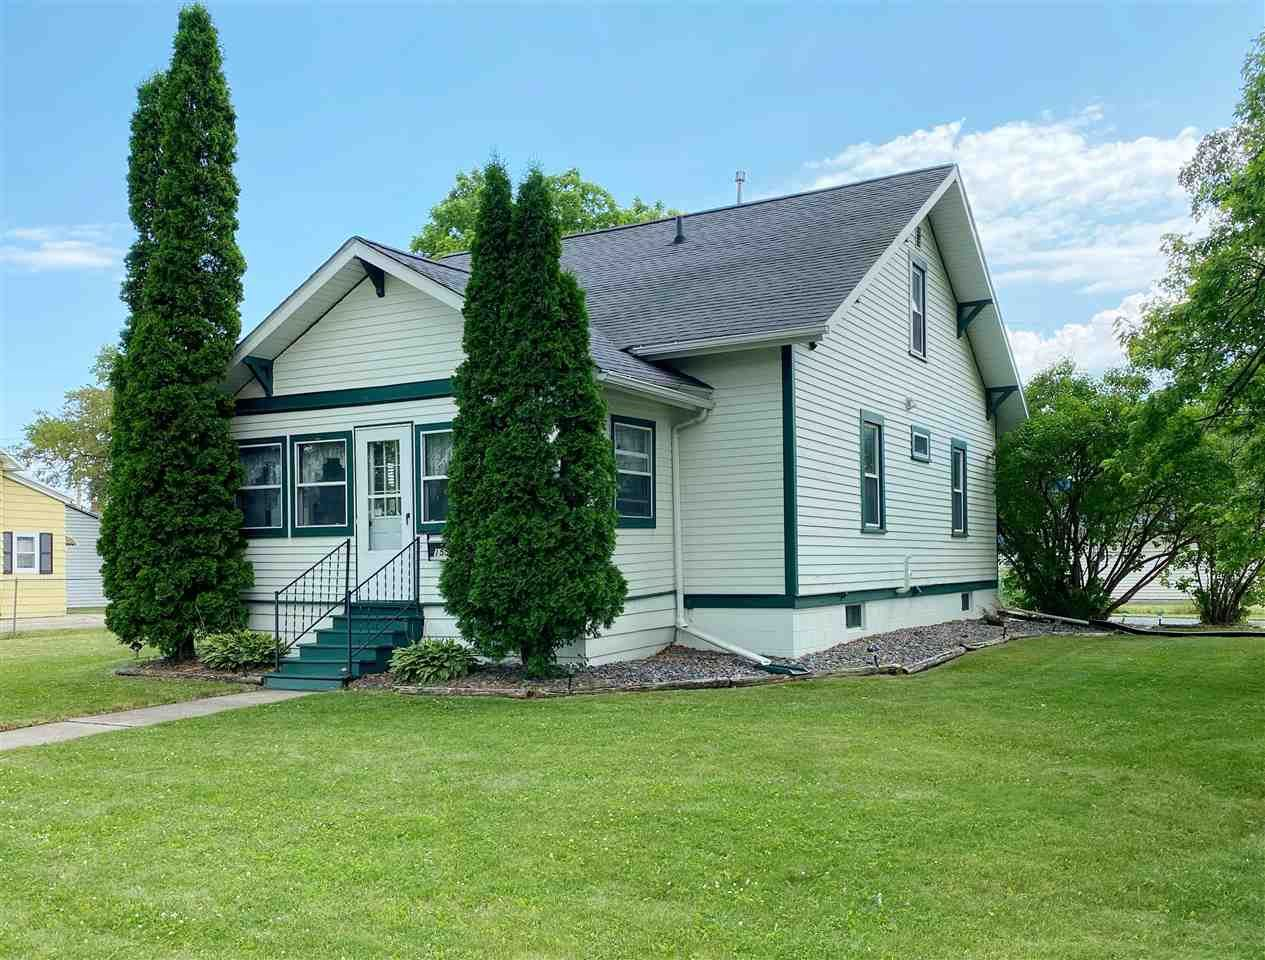 155 WALNUT Street, Fond du Lac, WI 54935 - MLS#: 50242478